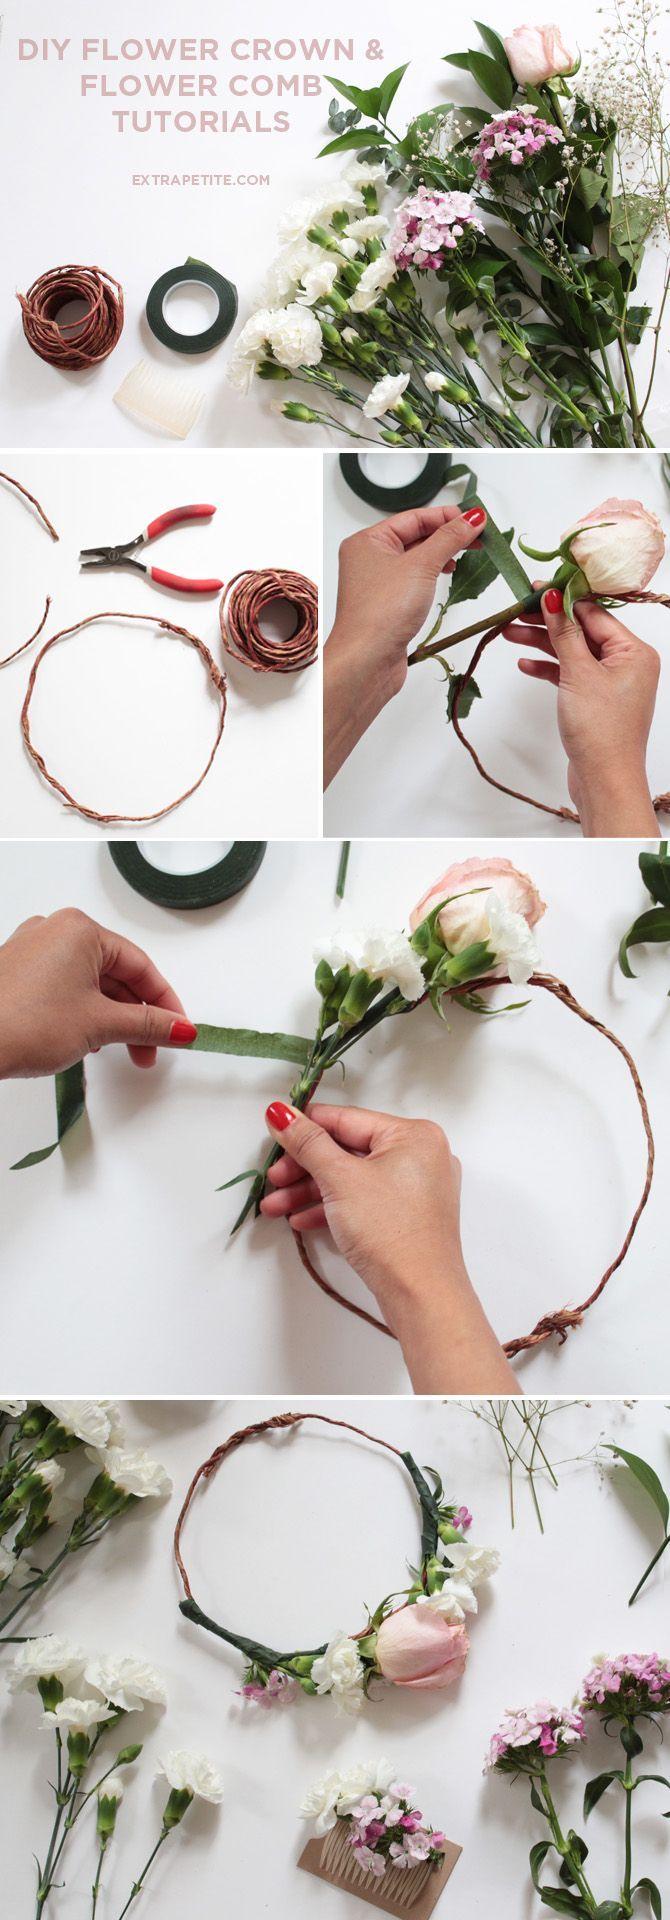 Flower Crown Comb Diy Tutorial Bridal Shower Activity Extra Petite Diy Flower Crown Bridal Shower Activities Diy Flowers